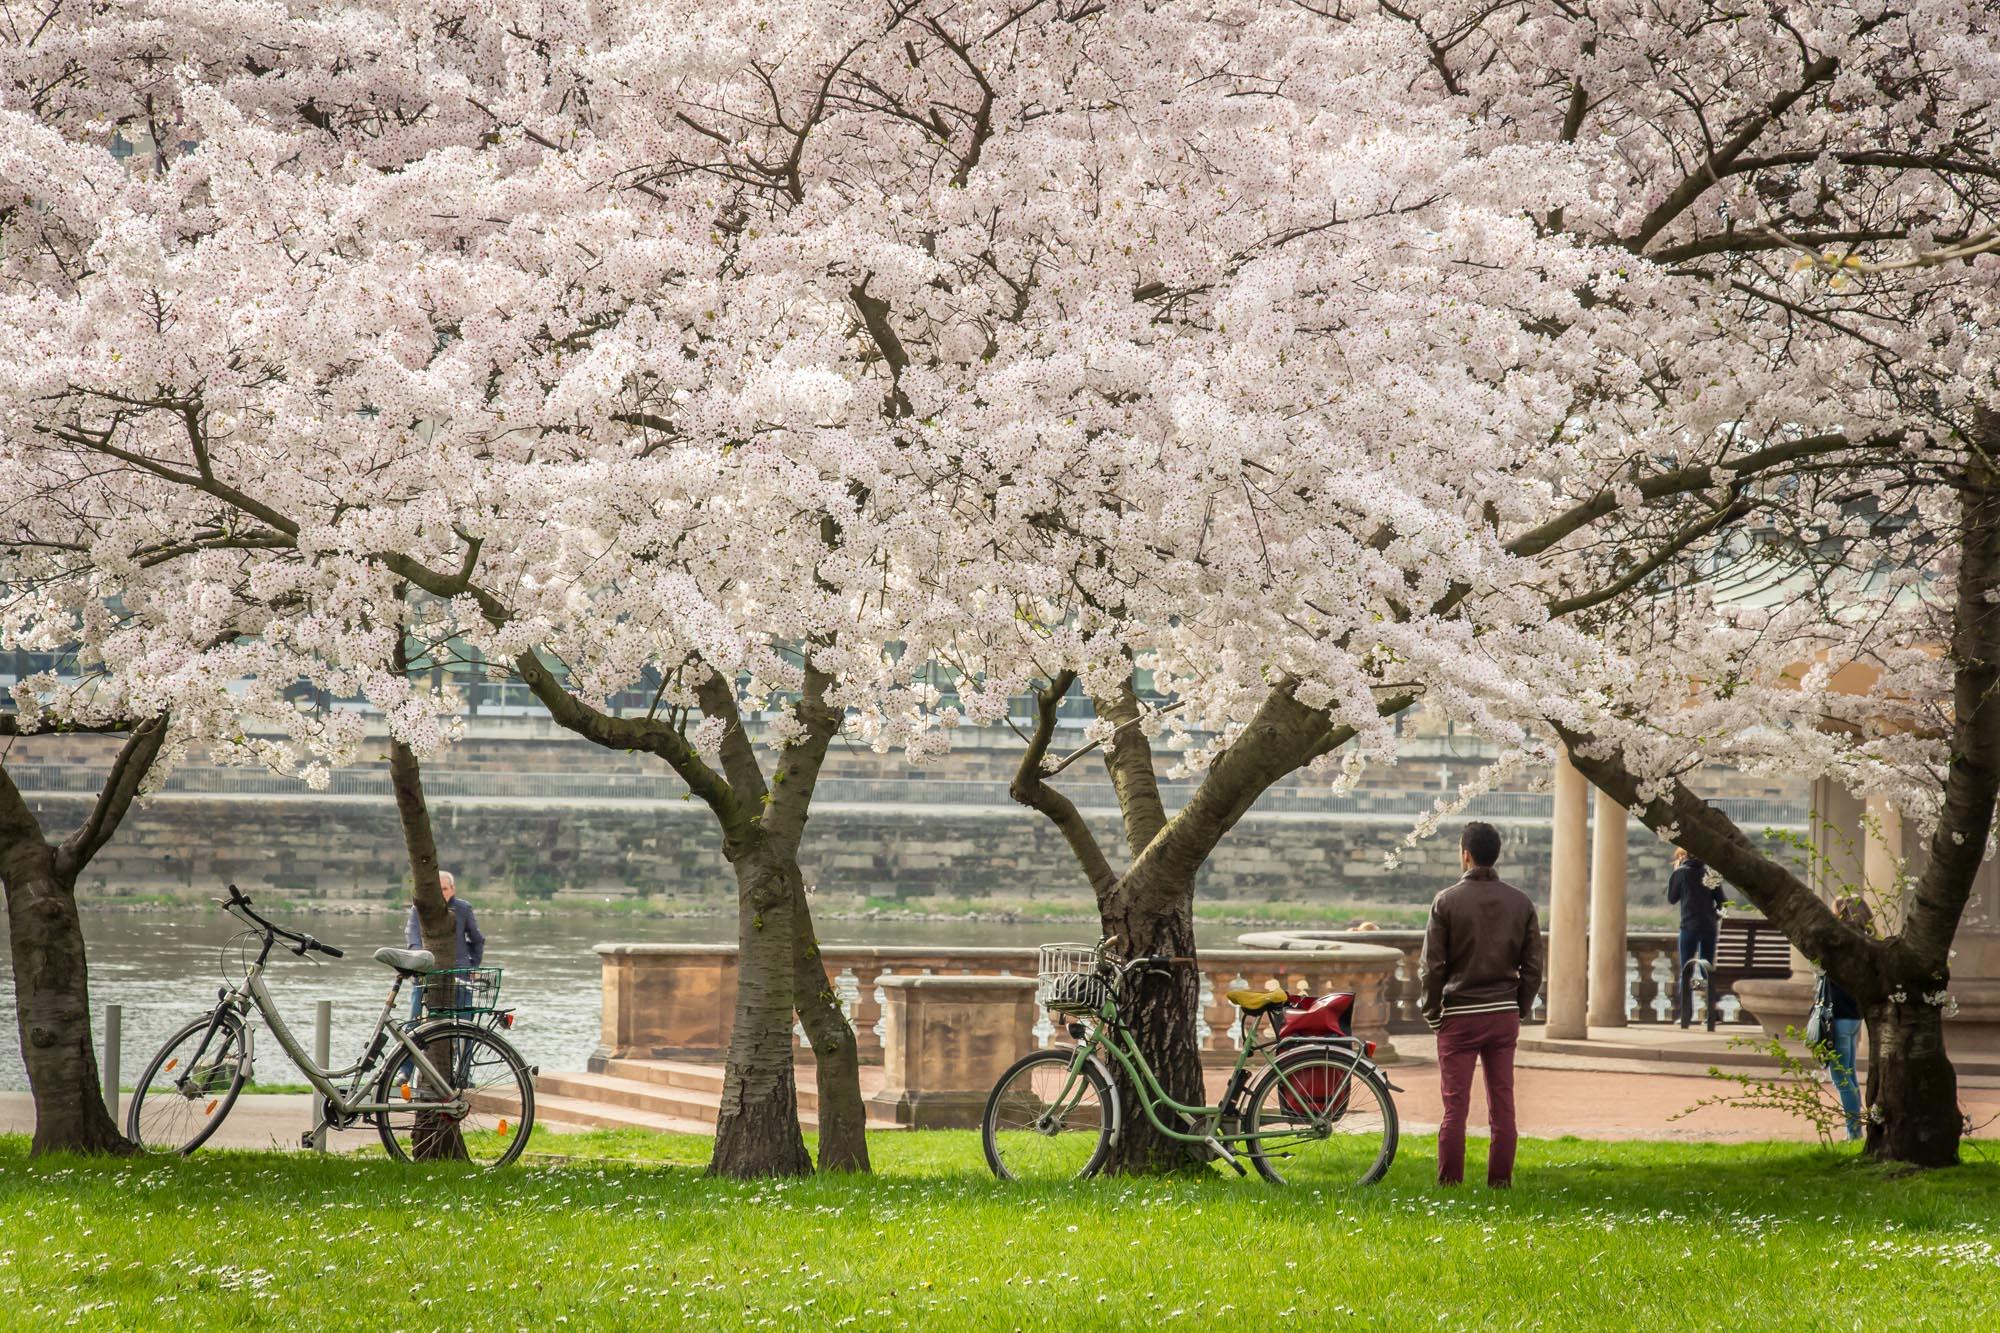 Frühlingsgefühle bei der Kirschbaumblüte am Neustädter Elbufer in Dresden.. Ein beliebter Foto-Spot für Frühlingsbilder.